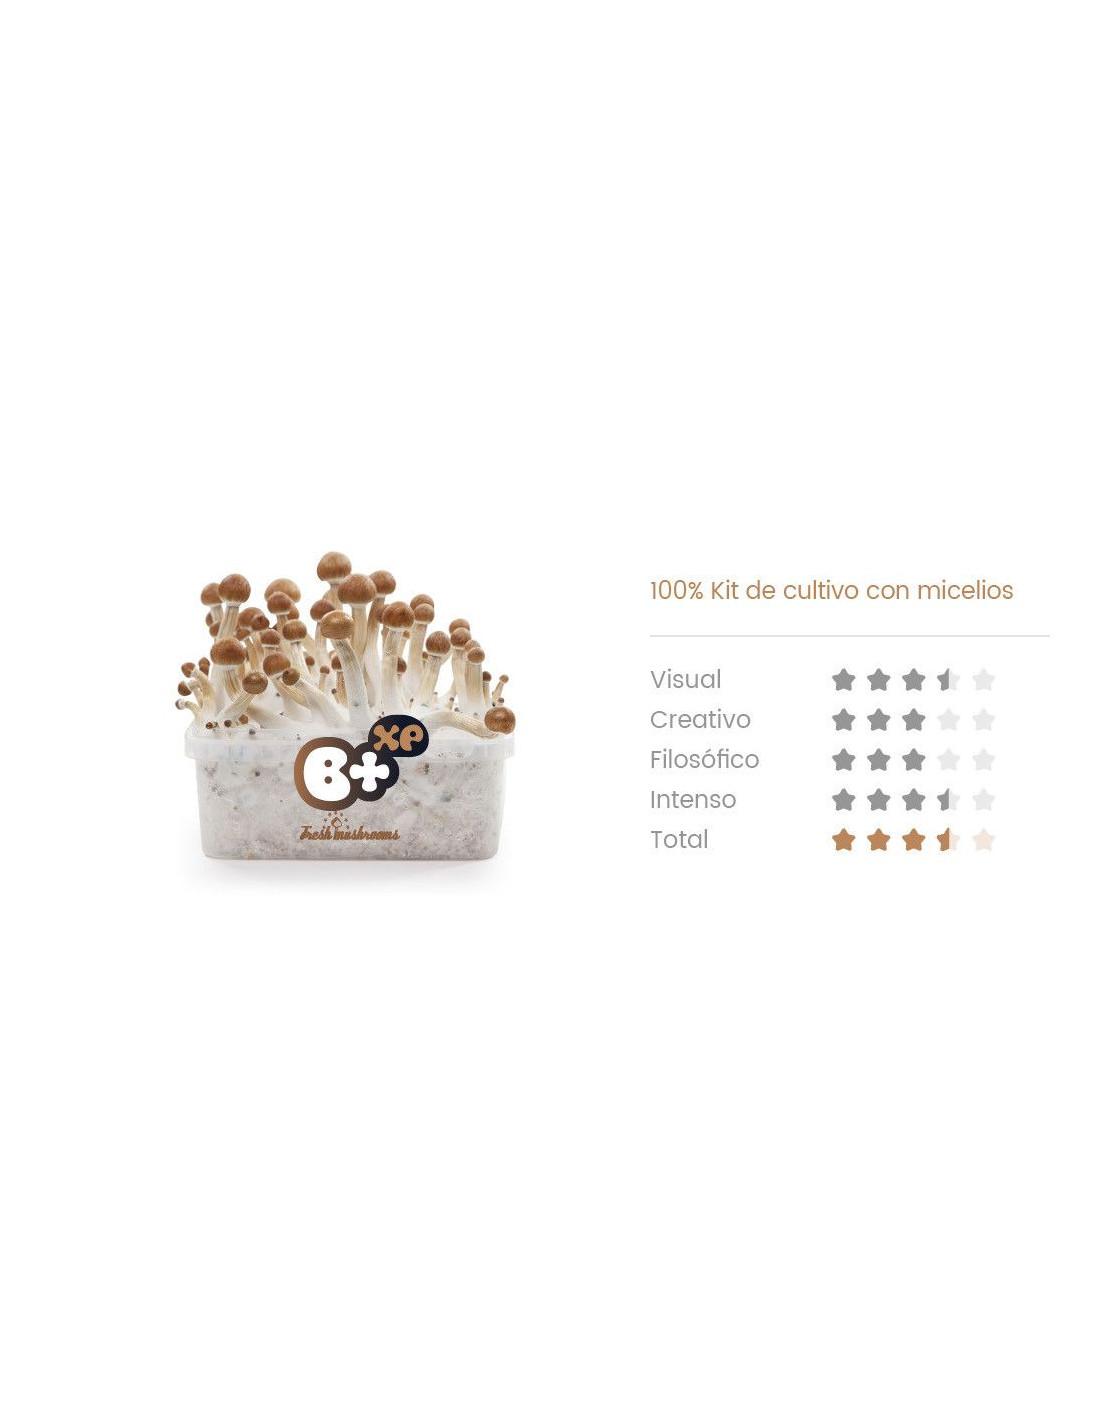 https://mycotrop.com/854-thickbox_default/b-champignons-magiques-growkit.jpg